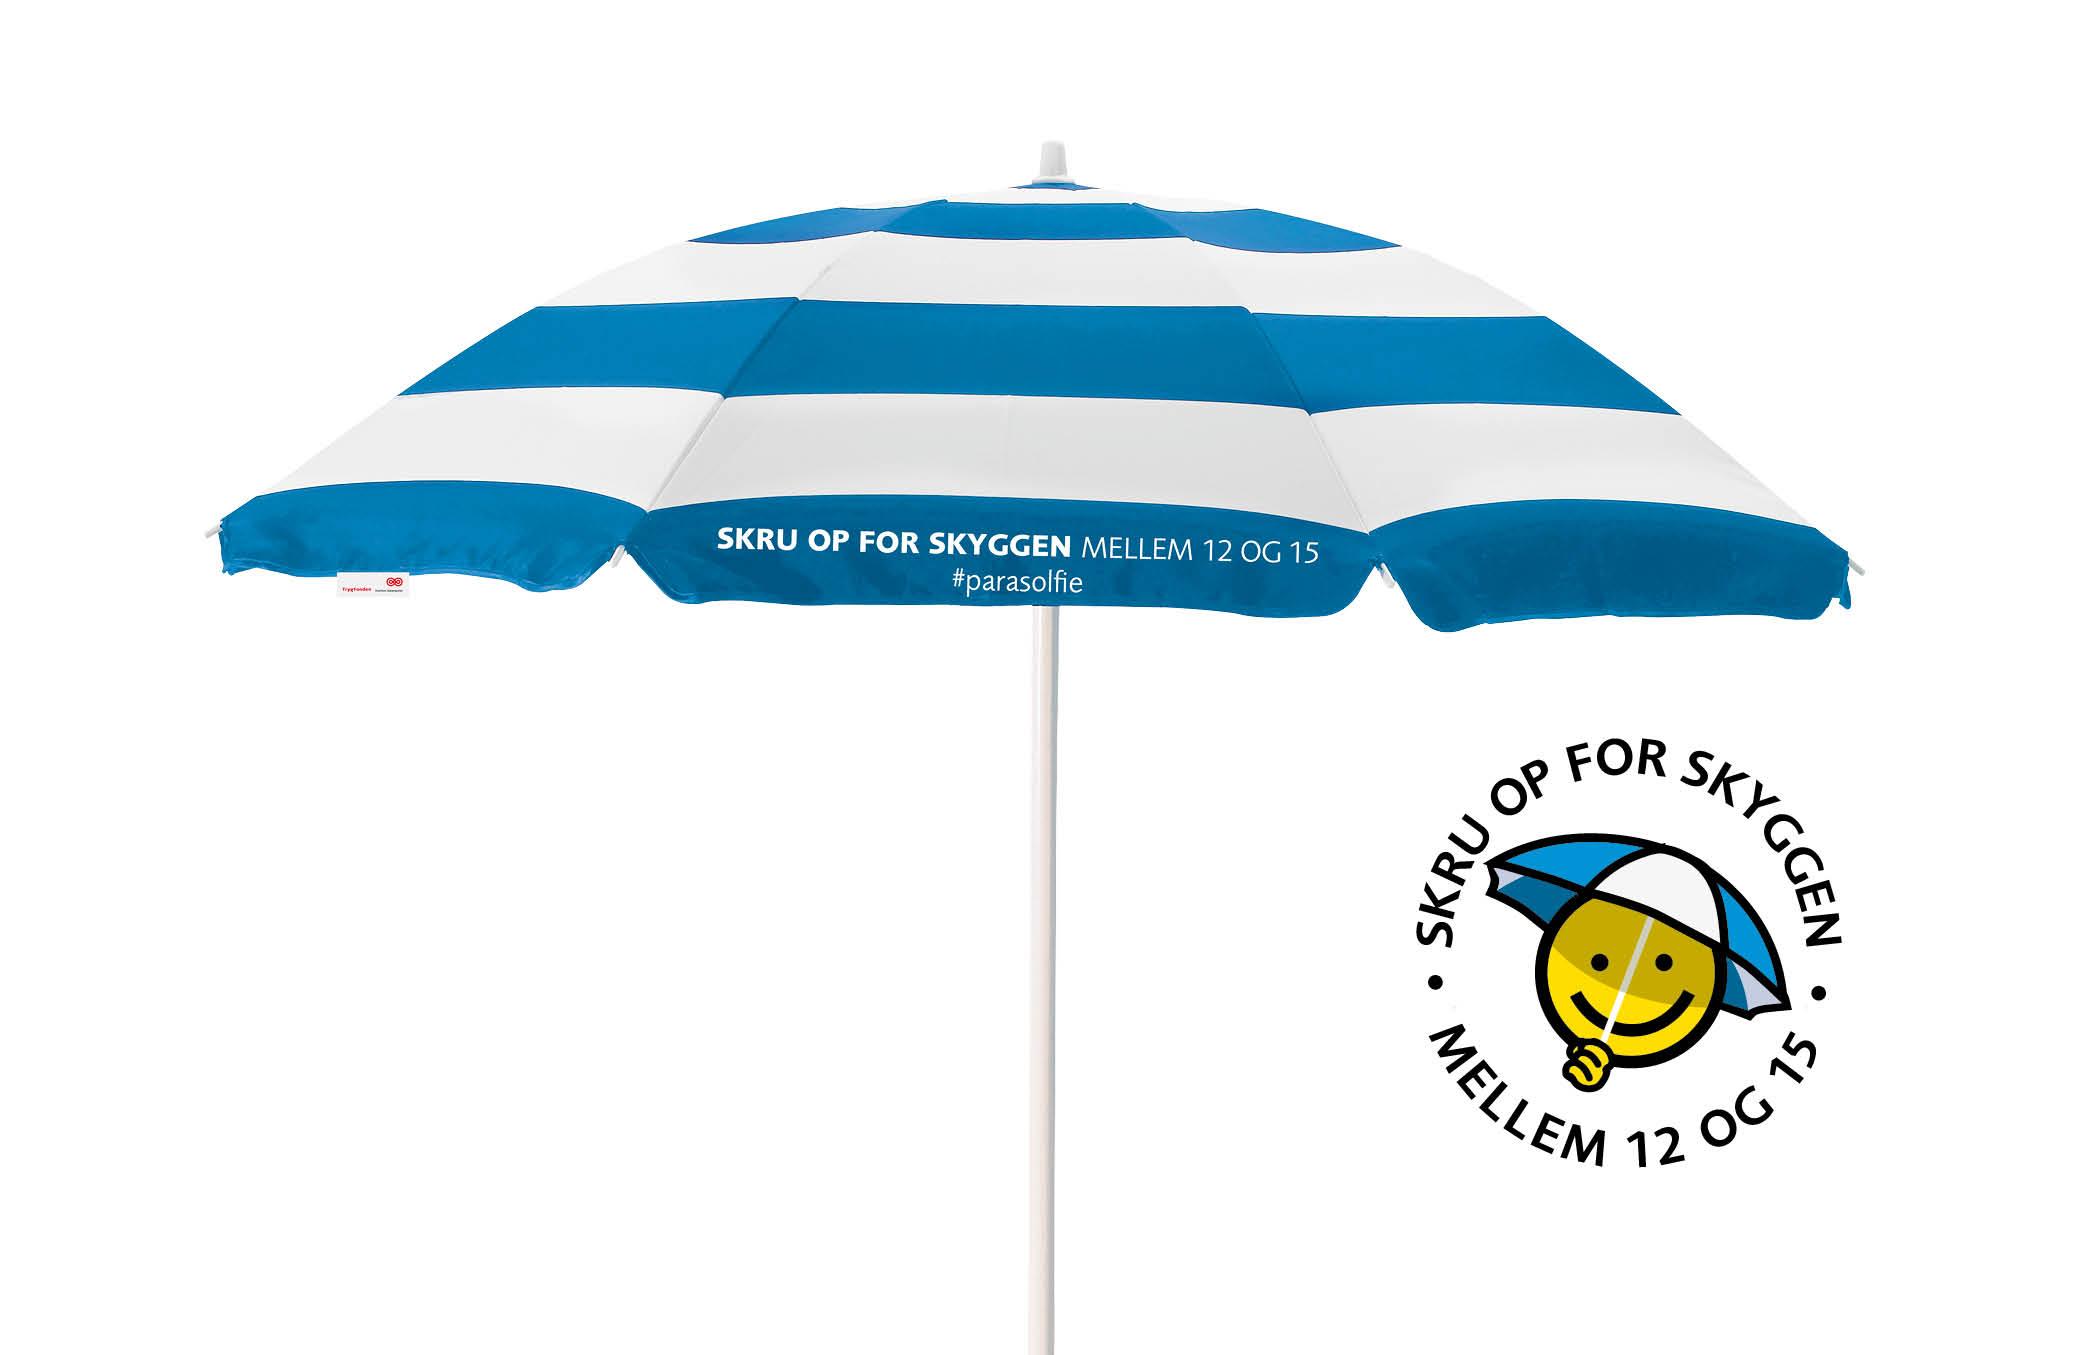 Kampagnens hovedelement, parasolen med kampagnetryk